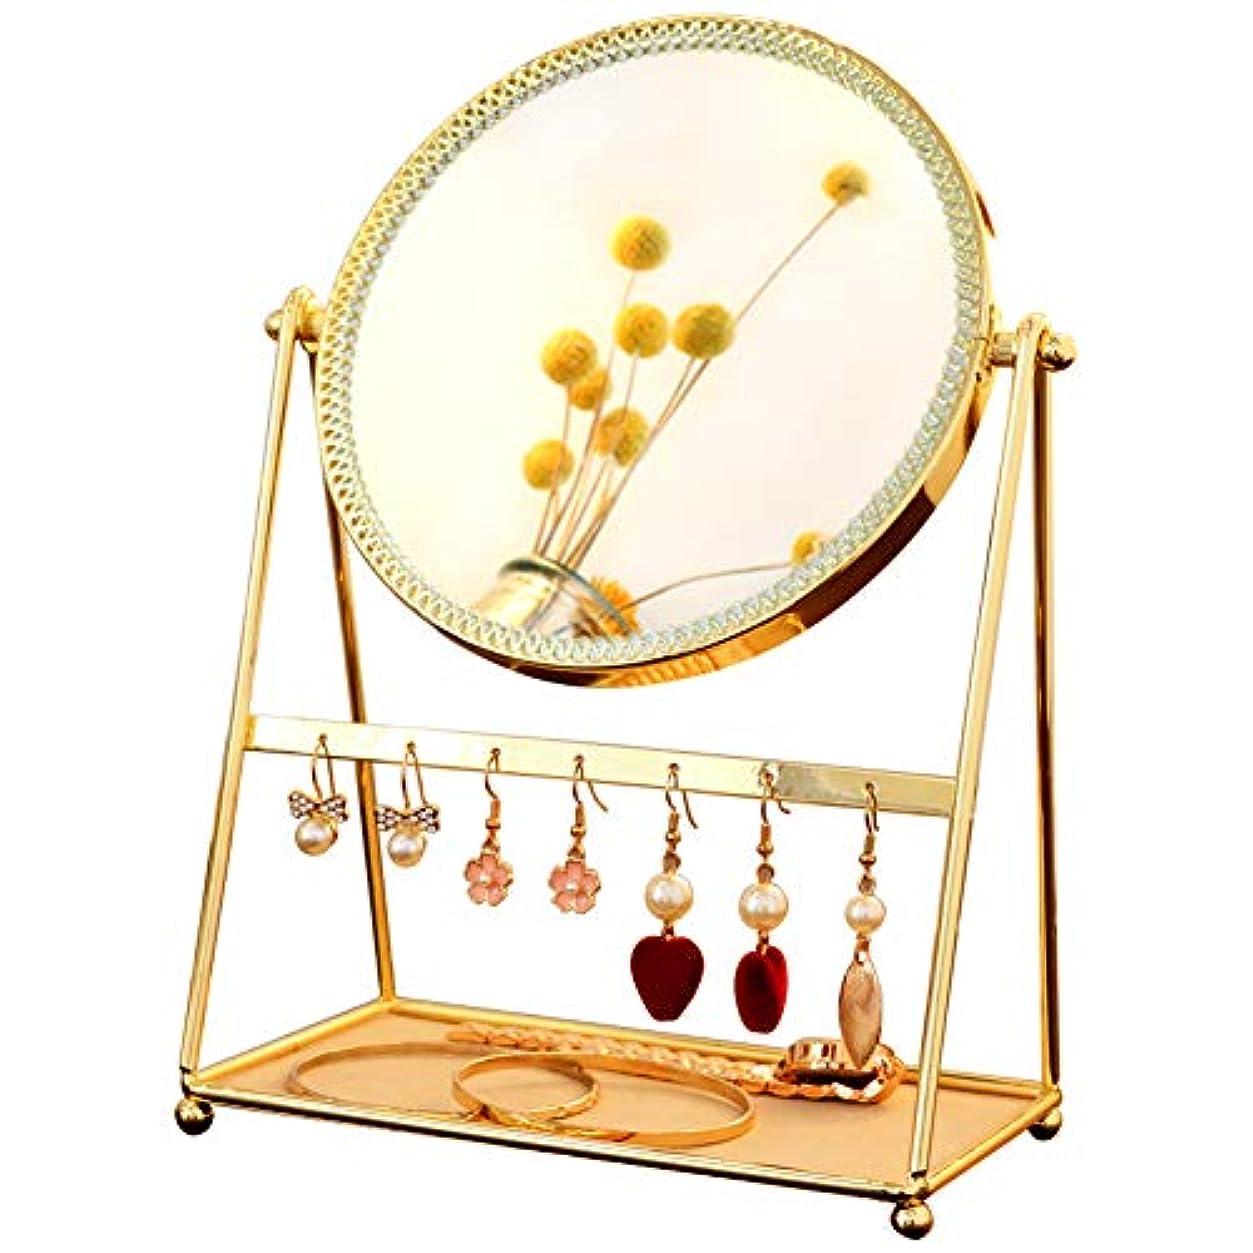 かるブロックバングGloDeals装飾 化粧鏡 JEWELRY TRAY(ジュエリートレイ) アクセサリー収納 ピアスケース 卓上鏡 スタンドミラー メイク 化粧道具 かわいい ジュエリーボックス 小物入れ 化粧品 おしゃれ収納ケース (gold)